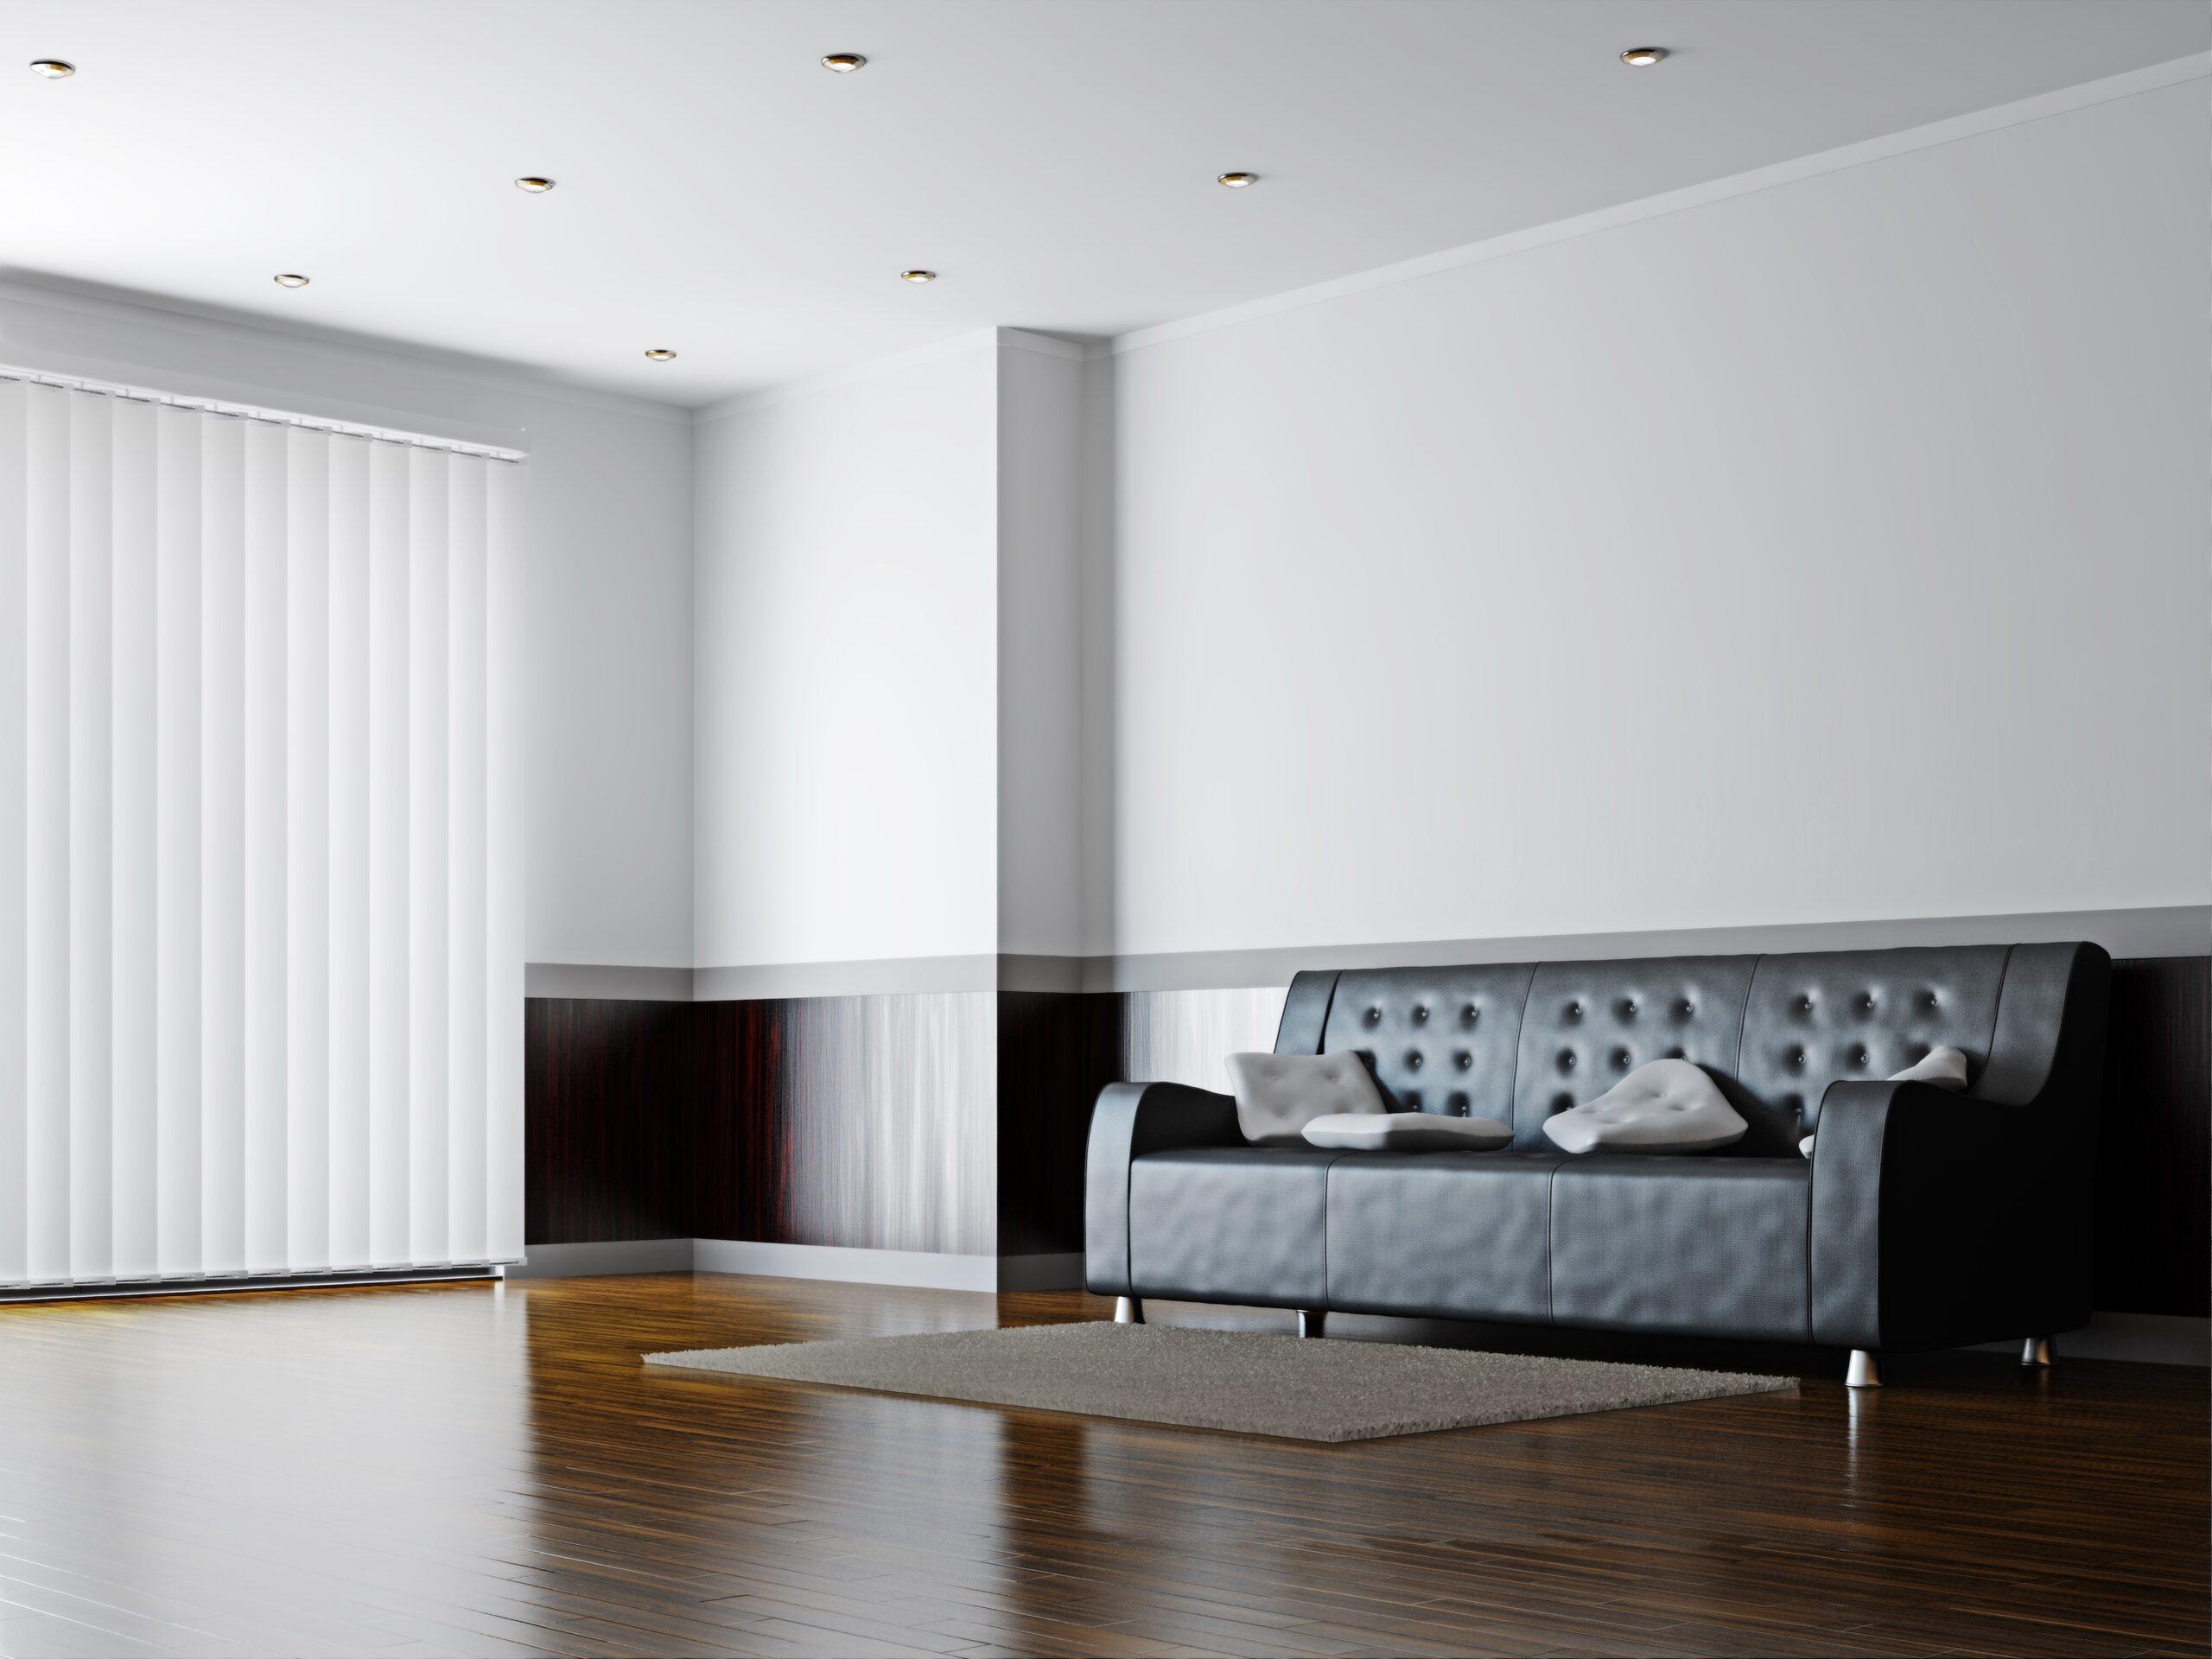 Hochwertiger Sonnenschutz, Sichtschutz und Lichtschutz - Lamellenvorhang - Senkrechtlamellen - Lamellenvorhang im Wartebereich - Dr. Haller + Co. - Selastore®